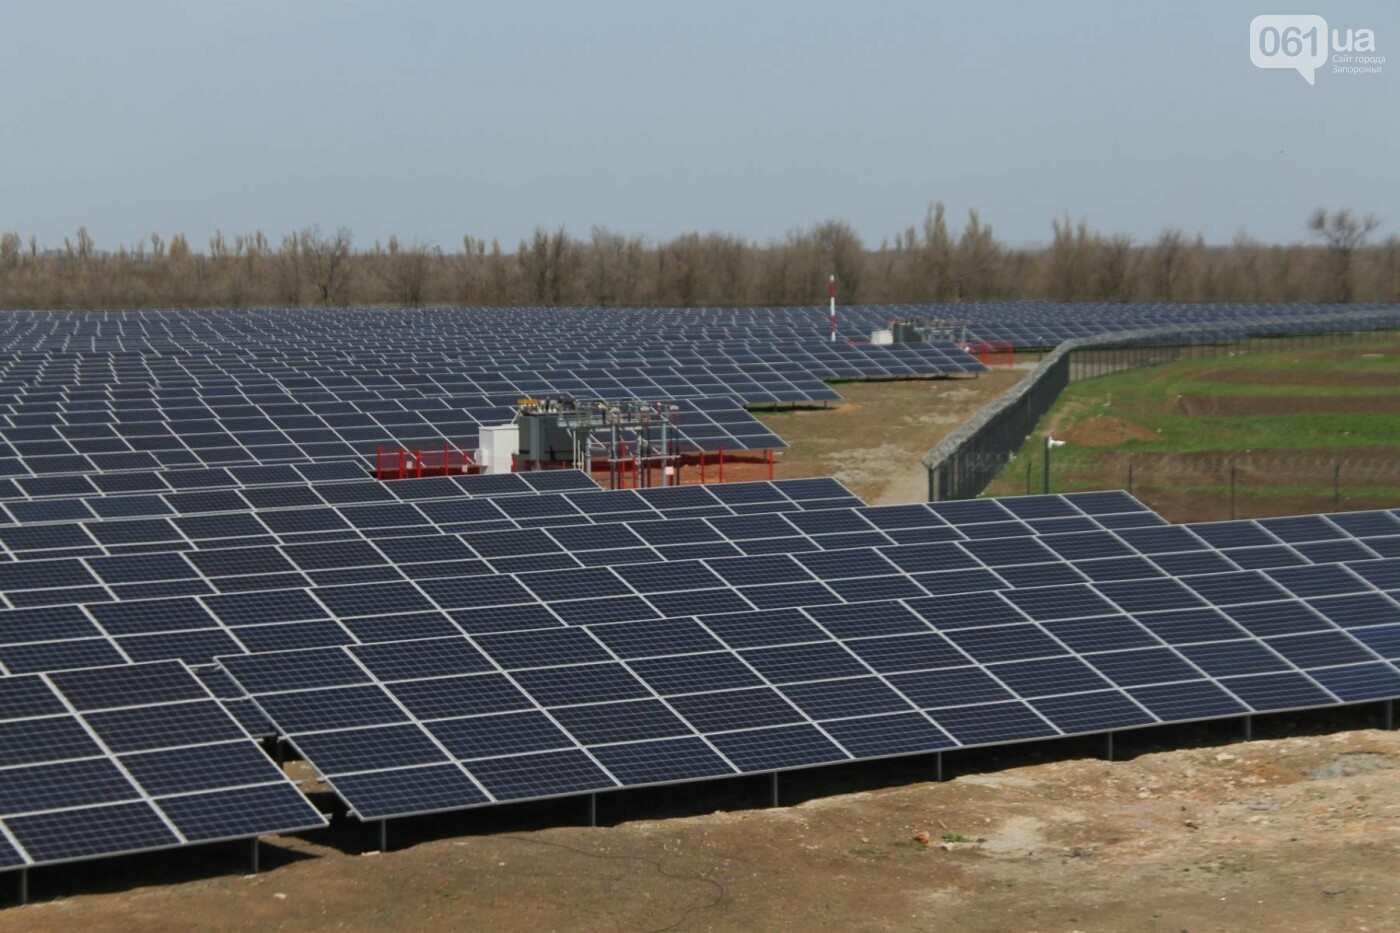 В запорожской громаде на месте свалки построили солнечную электростанцию: как она выглядит, – ФОТОРЕПОРТАЖ, фото-5